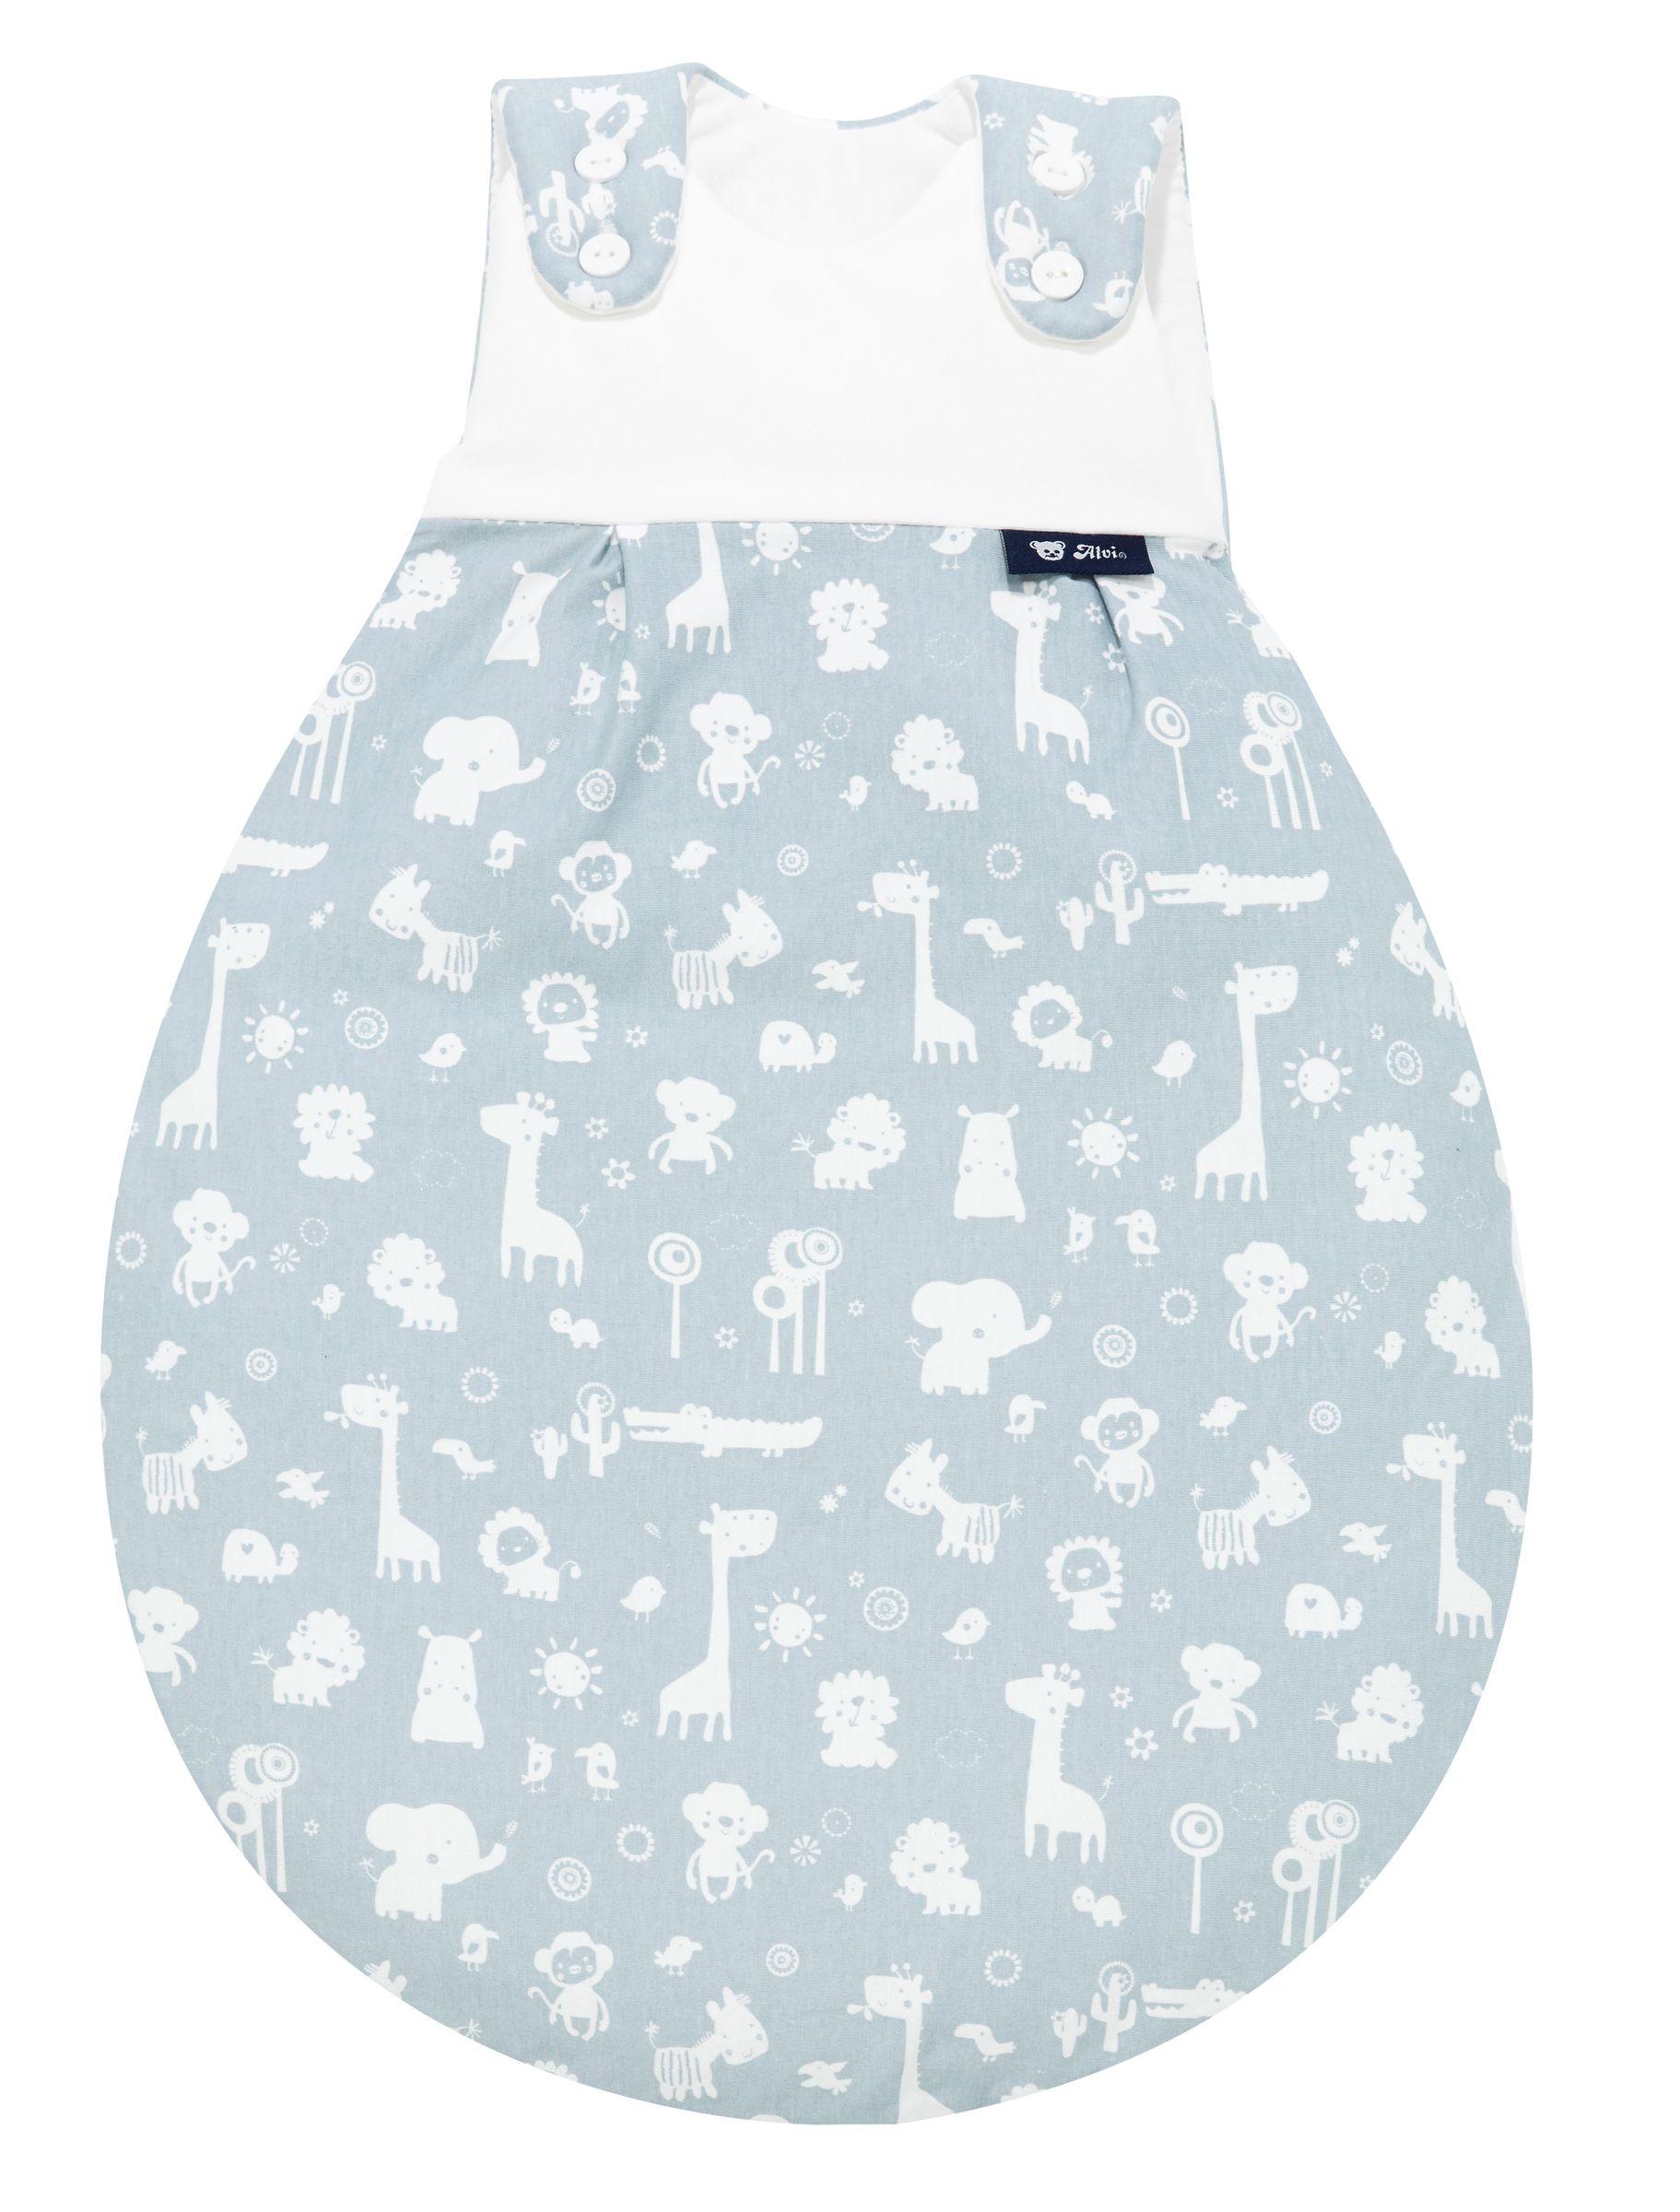 Alvi Baby Mäxchen Außensack Animals blau 911-1